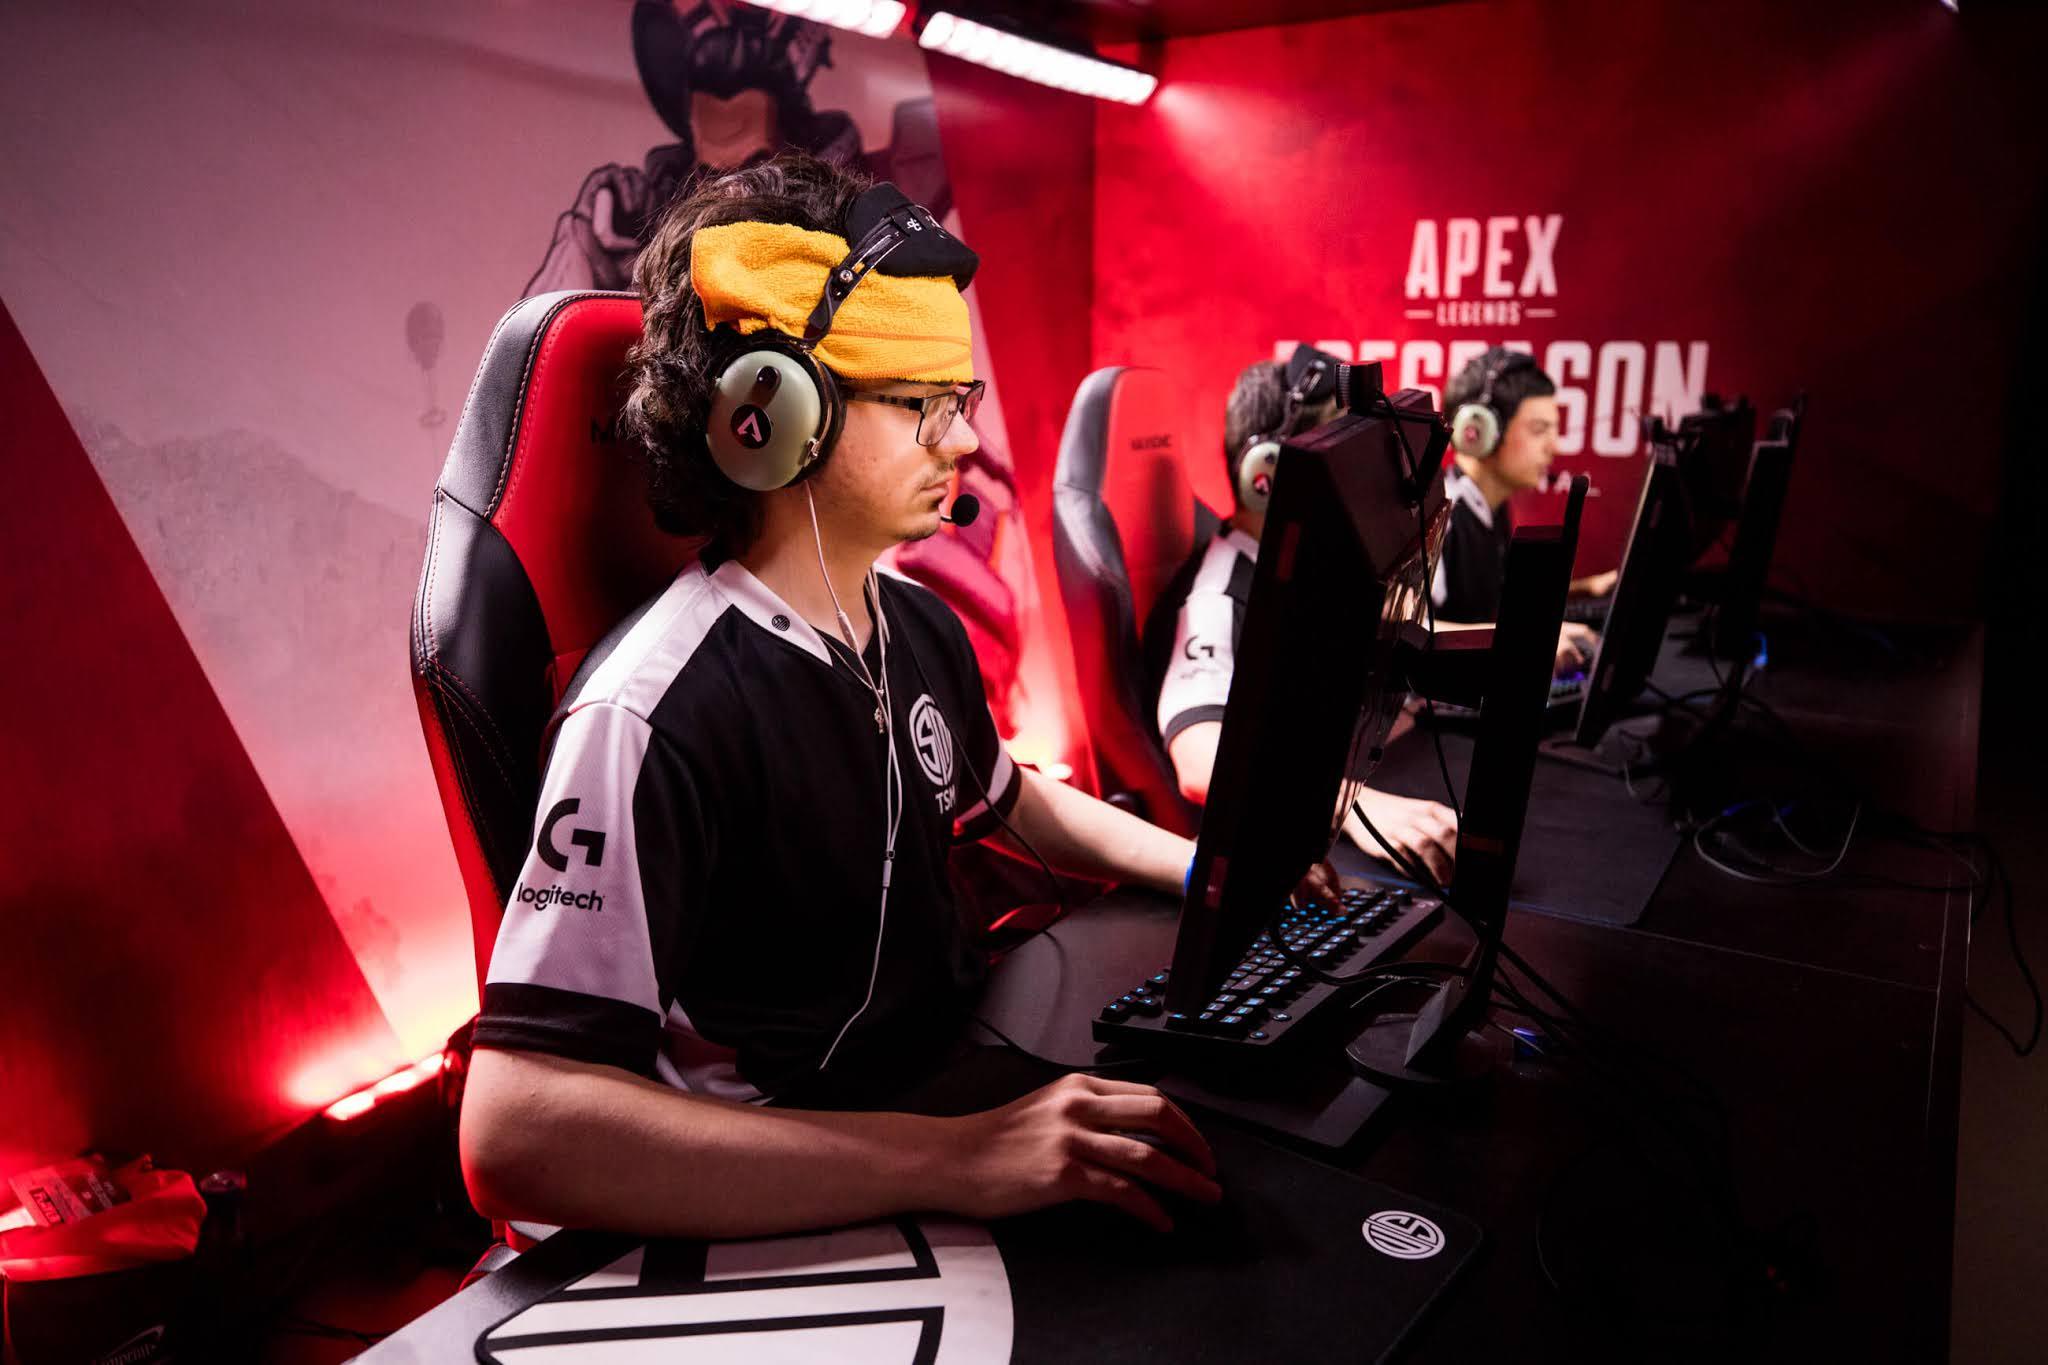 6 2 - 【ガチ悲報】APEX世界最強プロプレイヤー、引退。「このゲームの競技シーンに将来性を感じない」